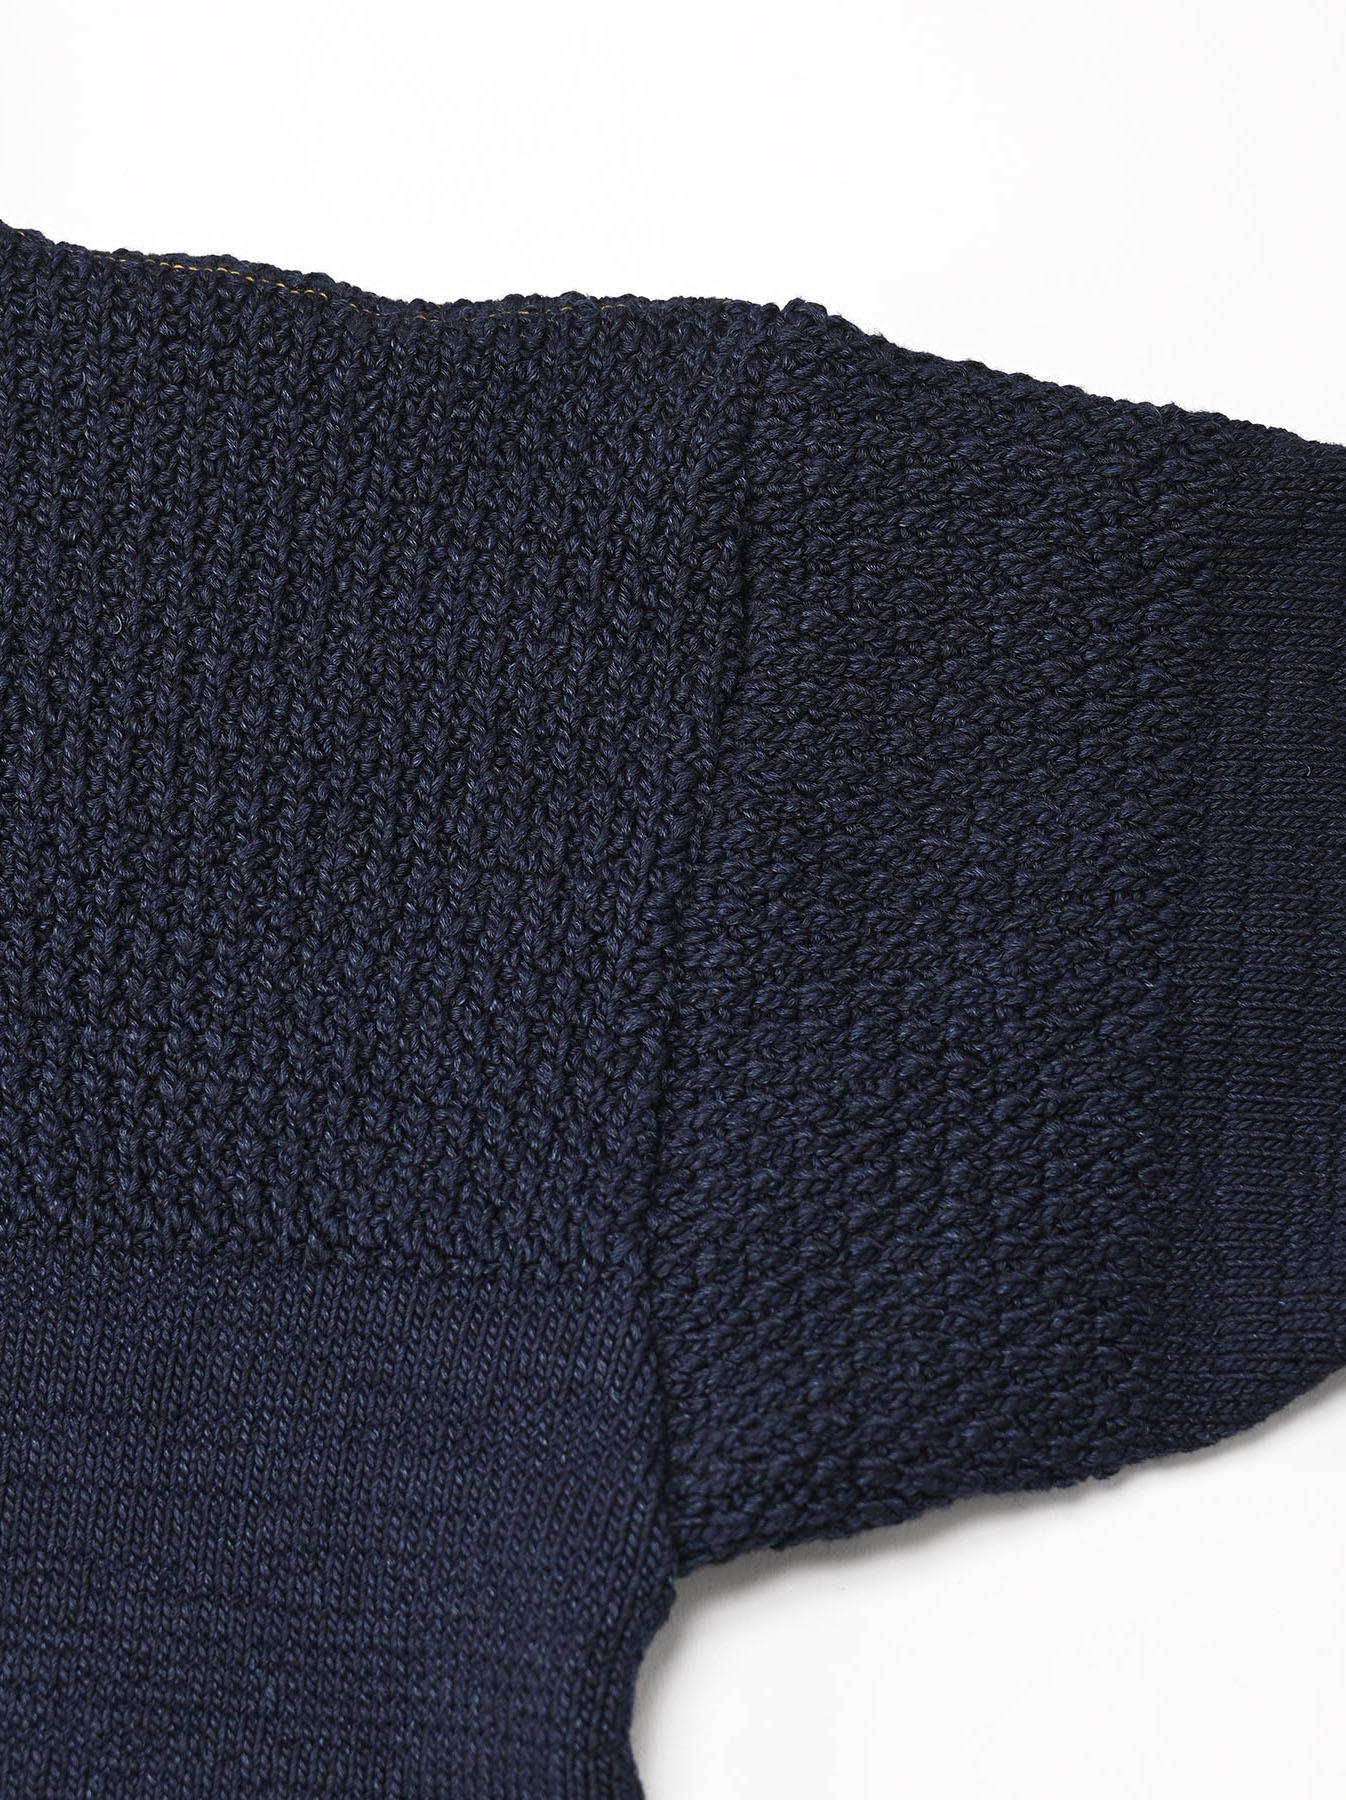 Indigo Stretch Knit Shawl Collar 908 Blouson-9